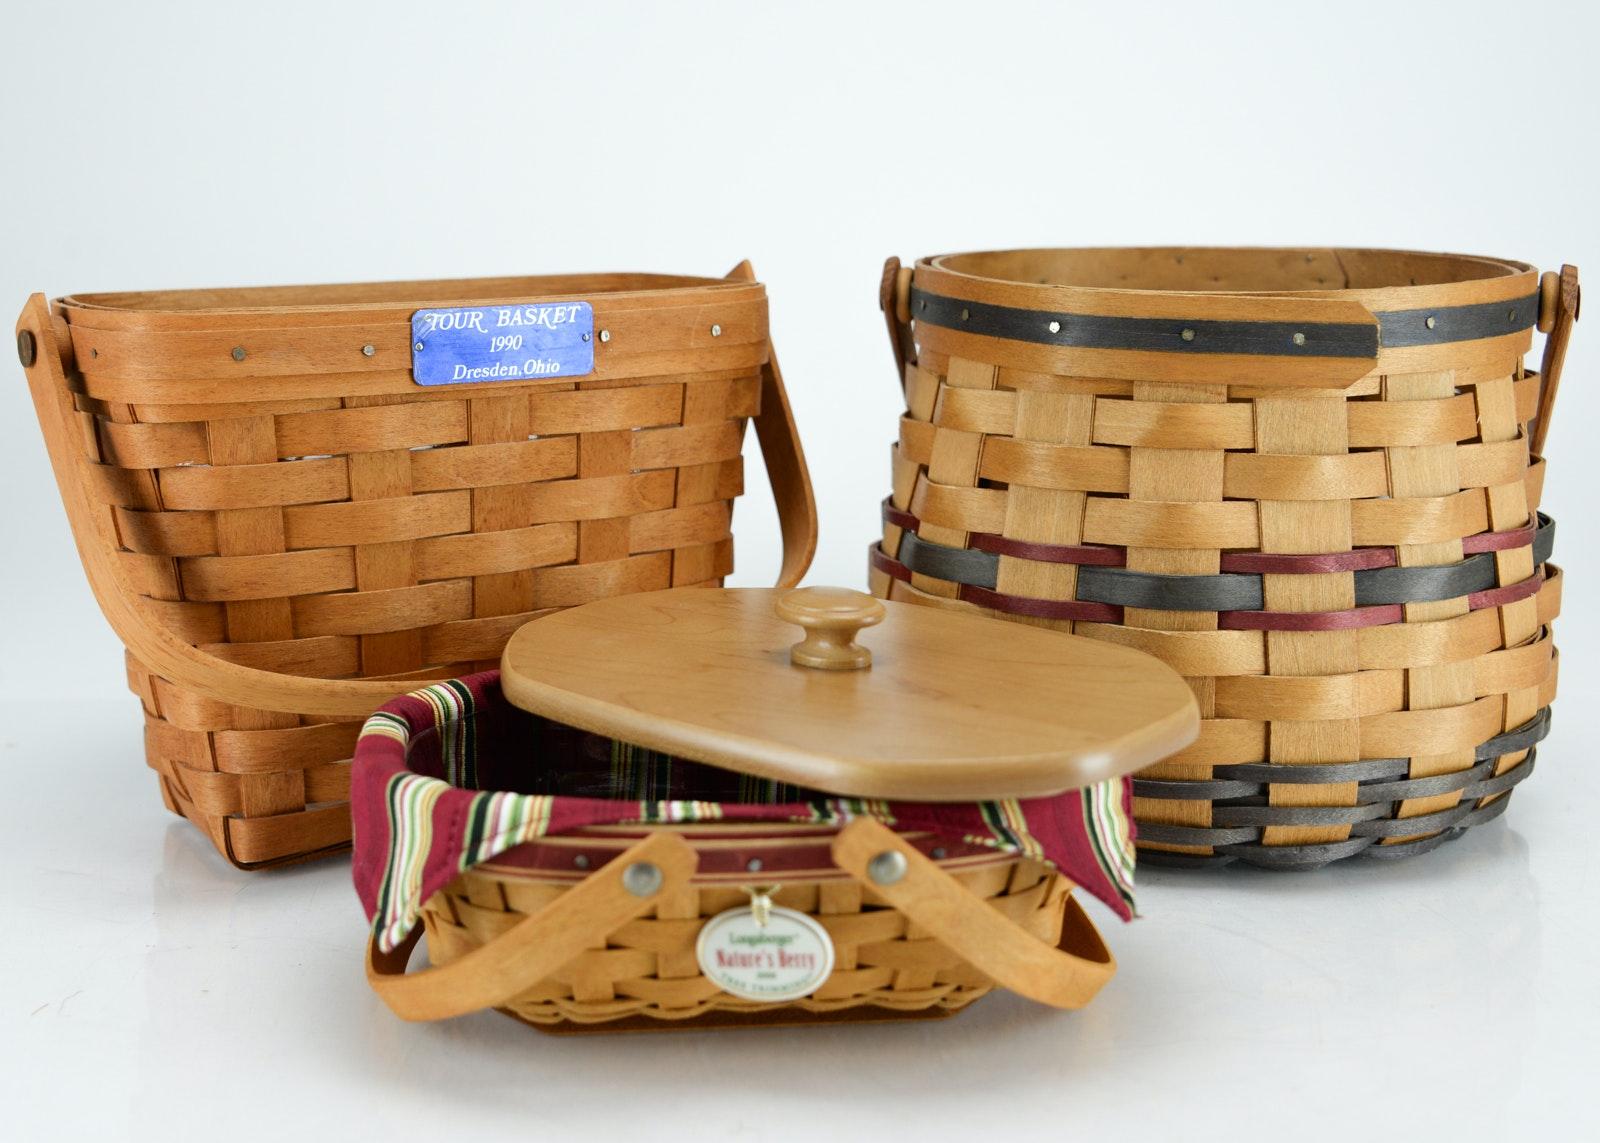 Antique Decorative Baskets Vintage Decorative Baskets In Lexington Kentucky Showroom Sale